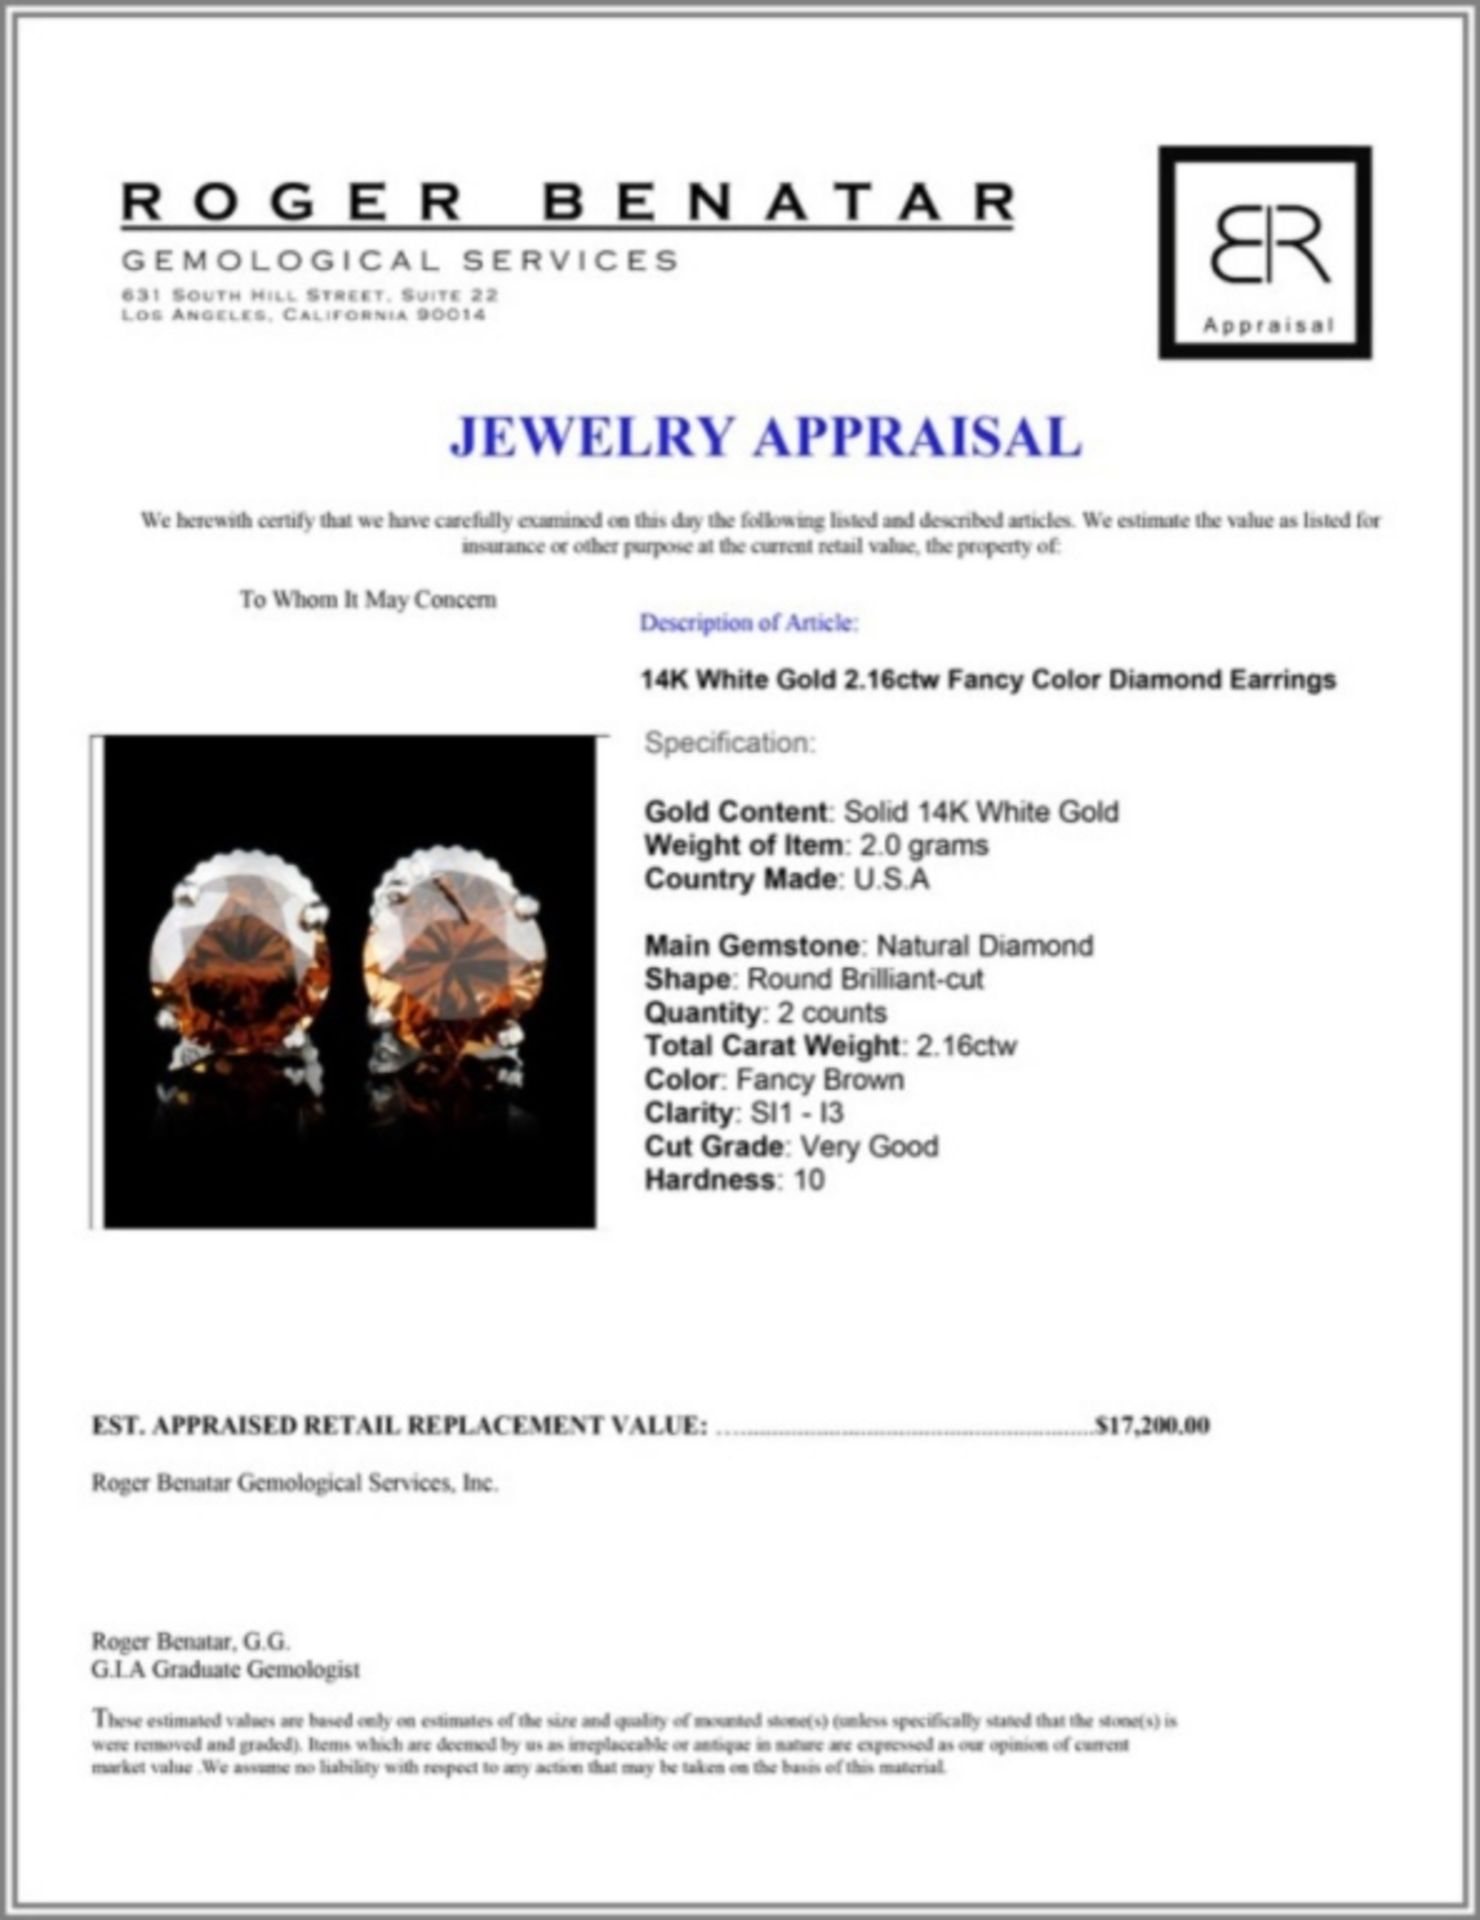 14K Gold 2.16ctw Fancy Color Diamond Earrings - Image 3 of 3